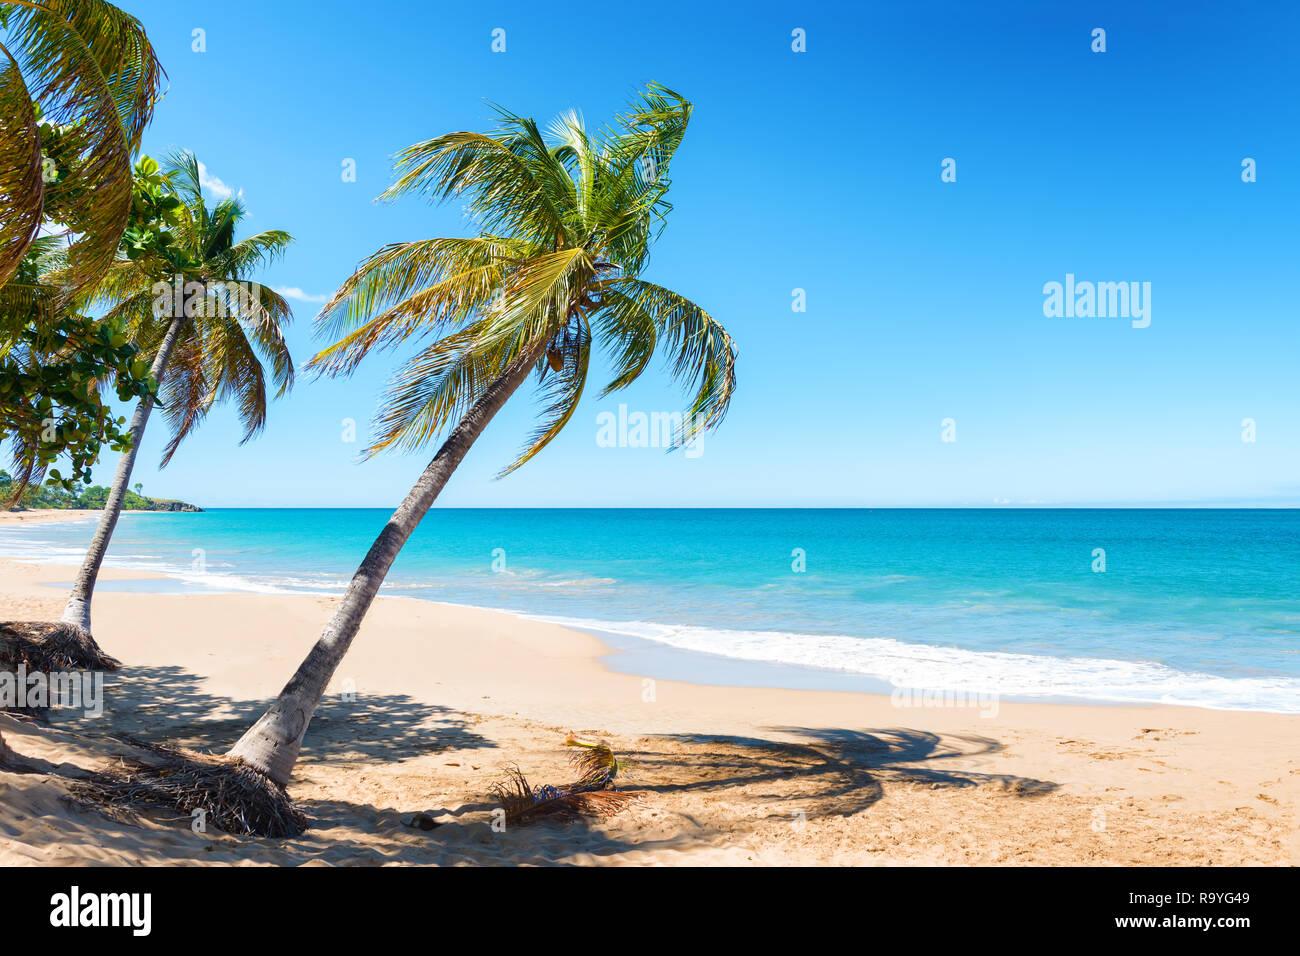 Los Cocoteros, playas de arena blanca, agua turquesa y cielo azul, Pearl Beach , Guadalupe, Indias Occidentales Francesas Foto de stock